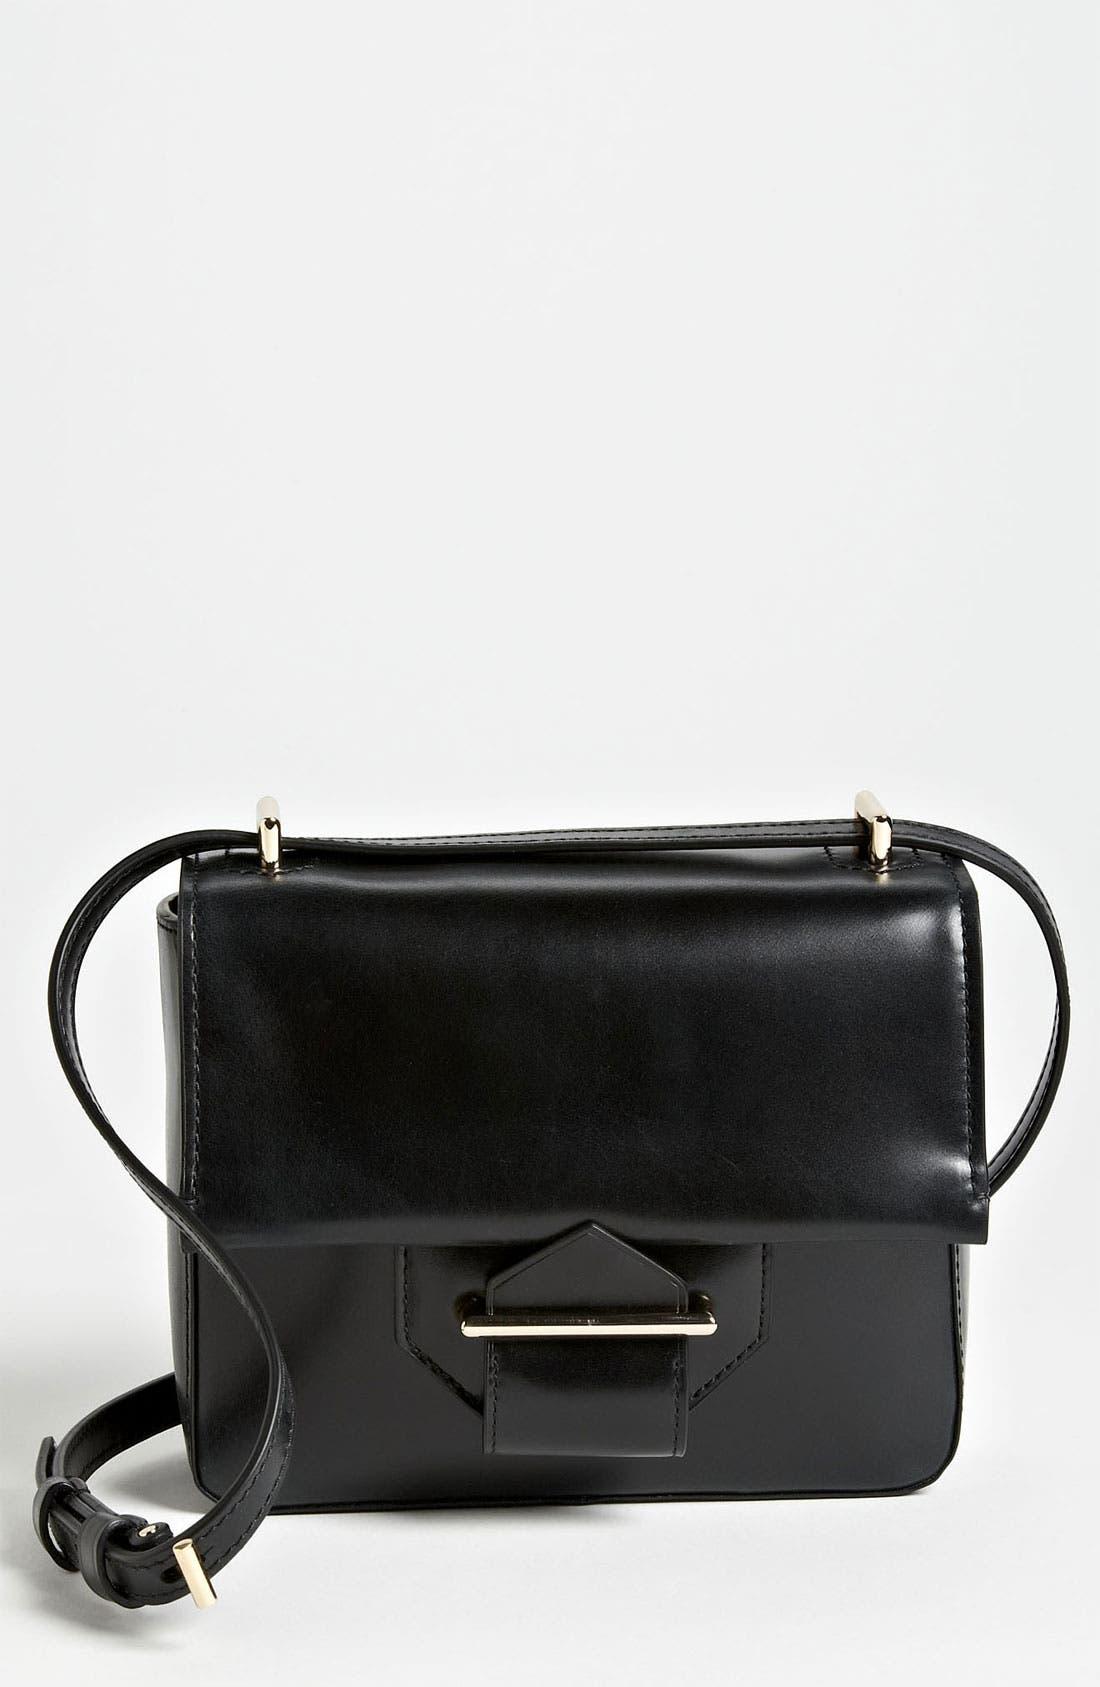 Alternate Image 1 Selected - Reed Krakoff 'Standard - Mini' Leather Shoulder Bag